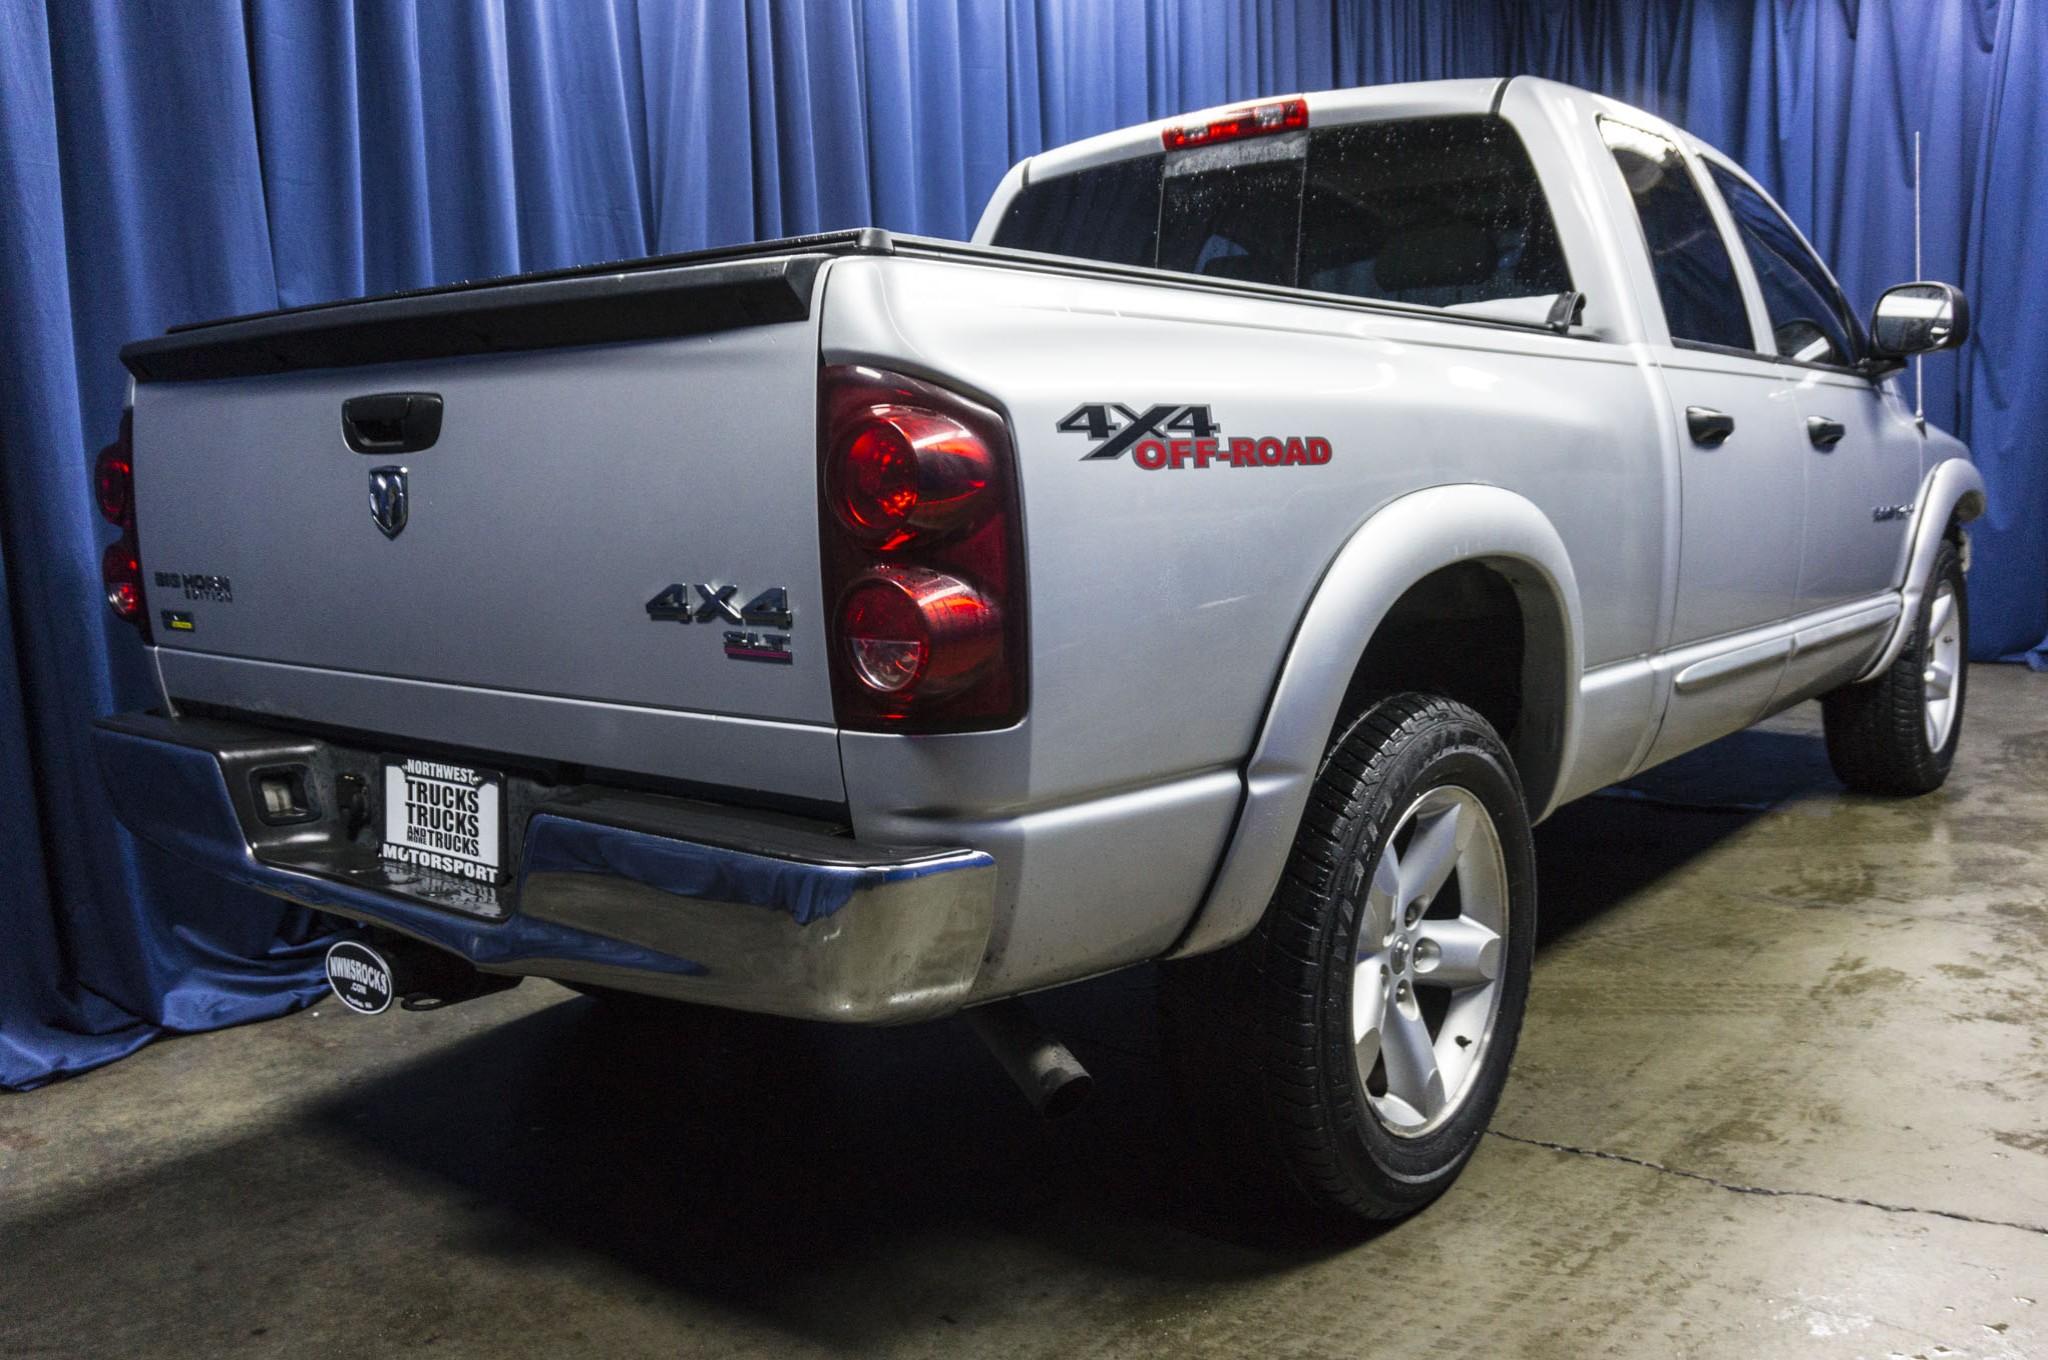 used 2007 dodge ram 1500 slt 4x4 truck for sale 40025a. Black Bedroom Furniture Sets. Home Design Ideas